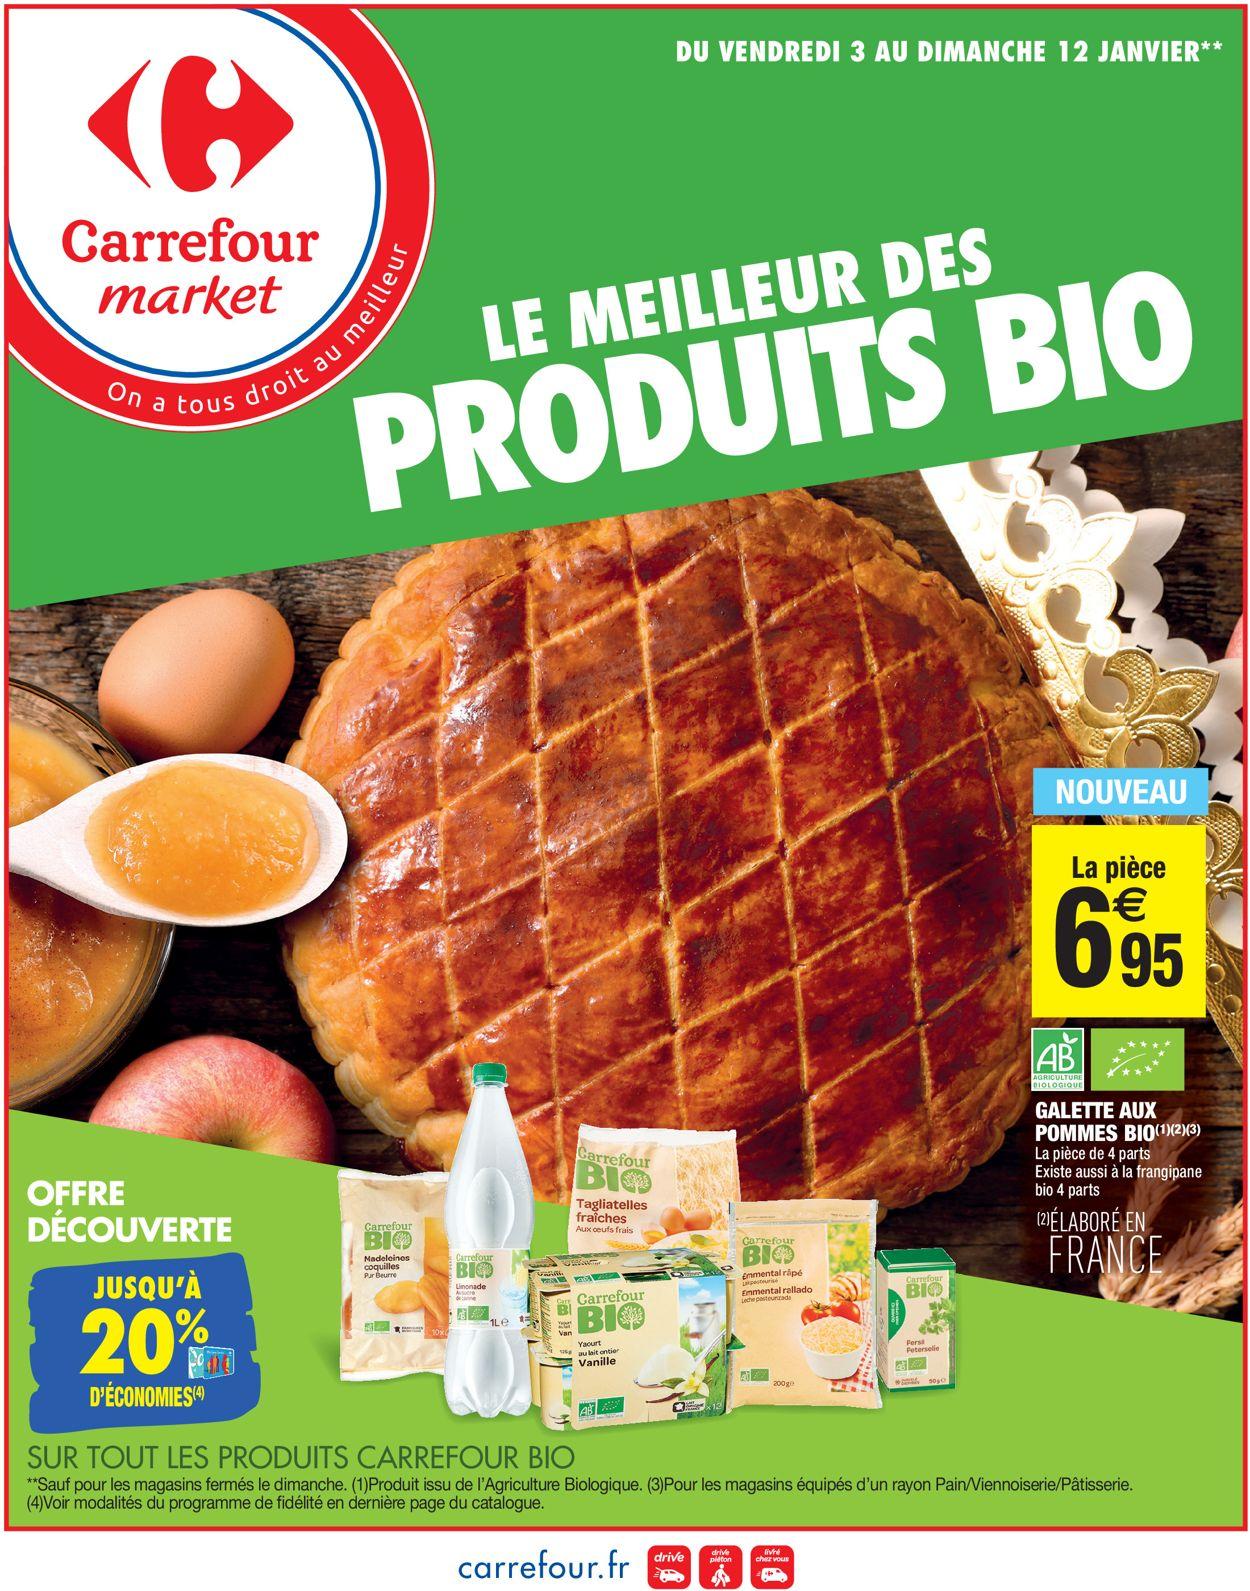 Carrefour Catalogue - 03.01-12.01.2020